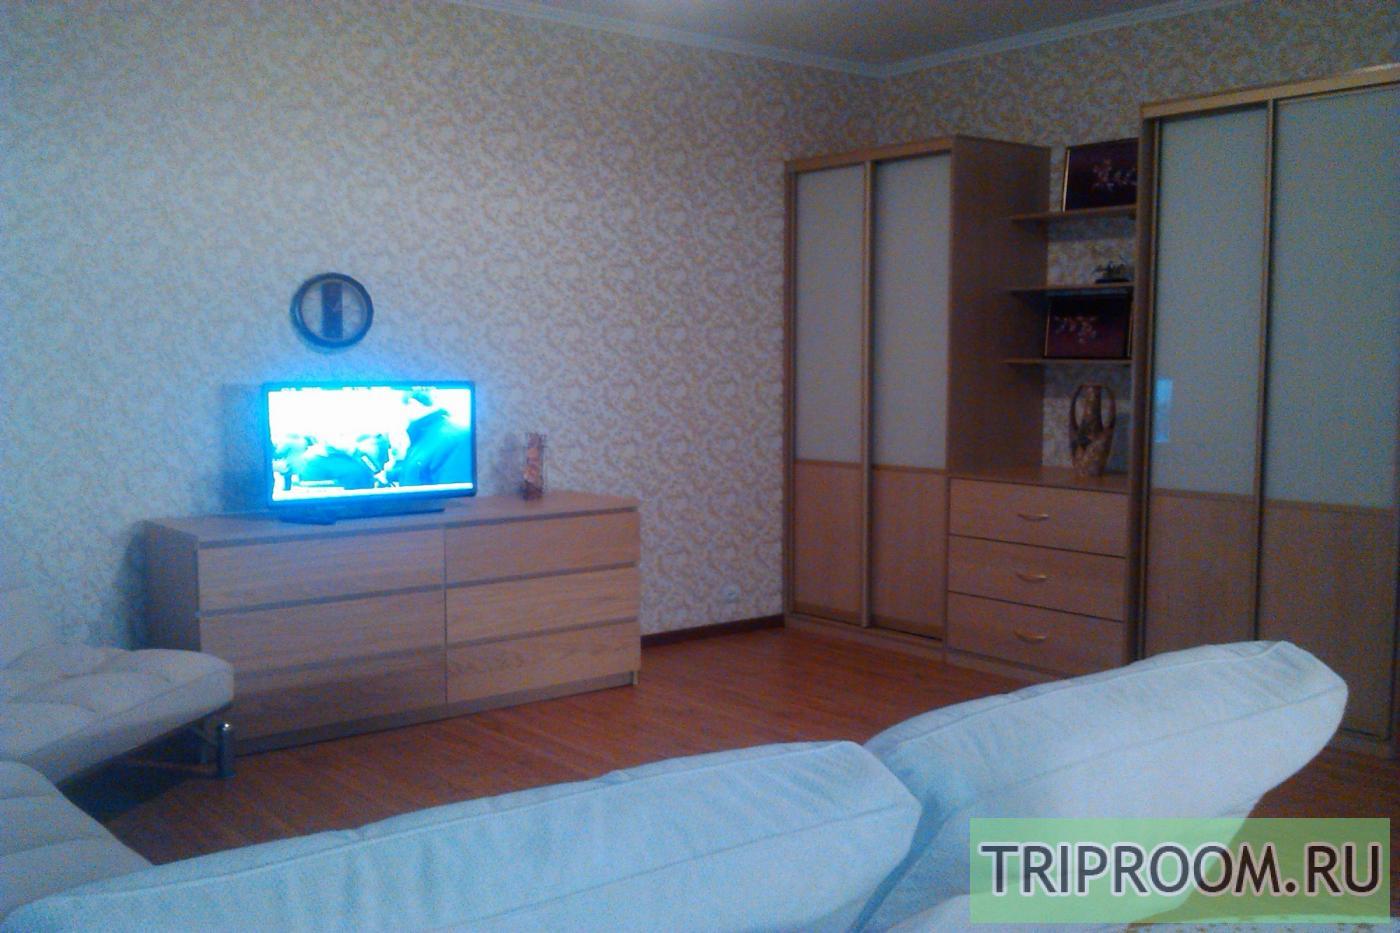 2-комнатная квартира посуточно (вариант № 20122), ул. Ленина проспект, фото № 4